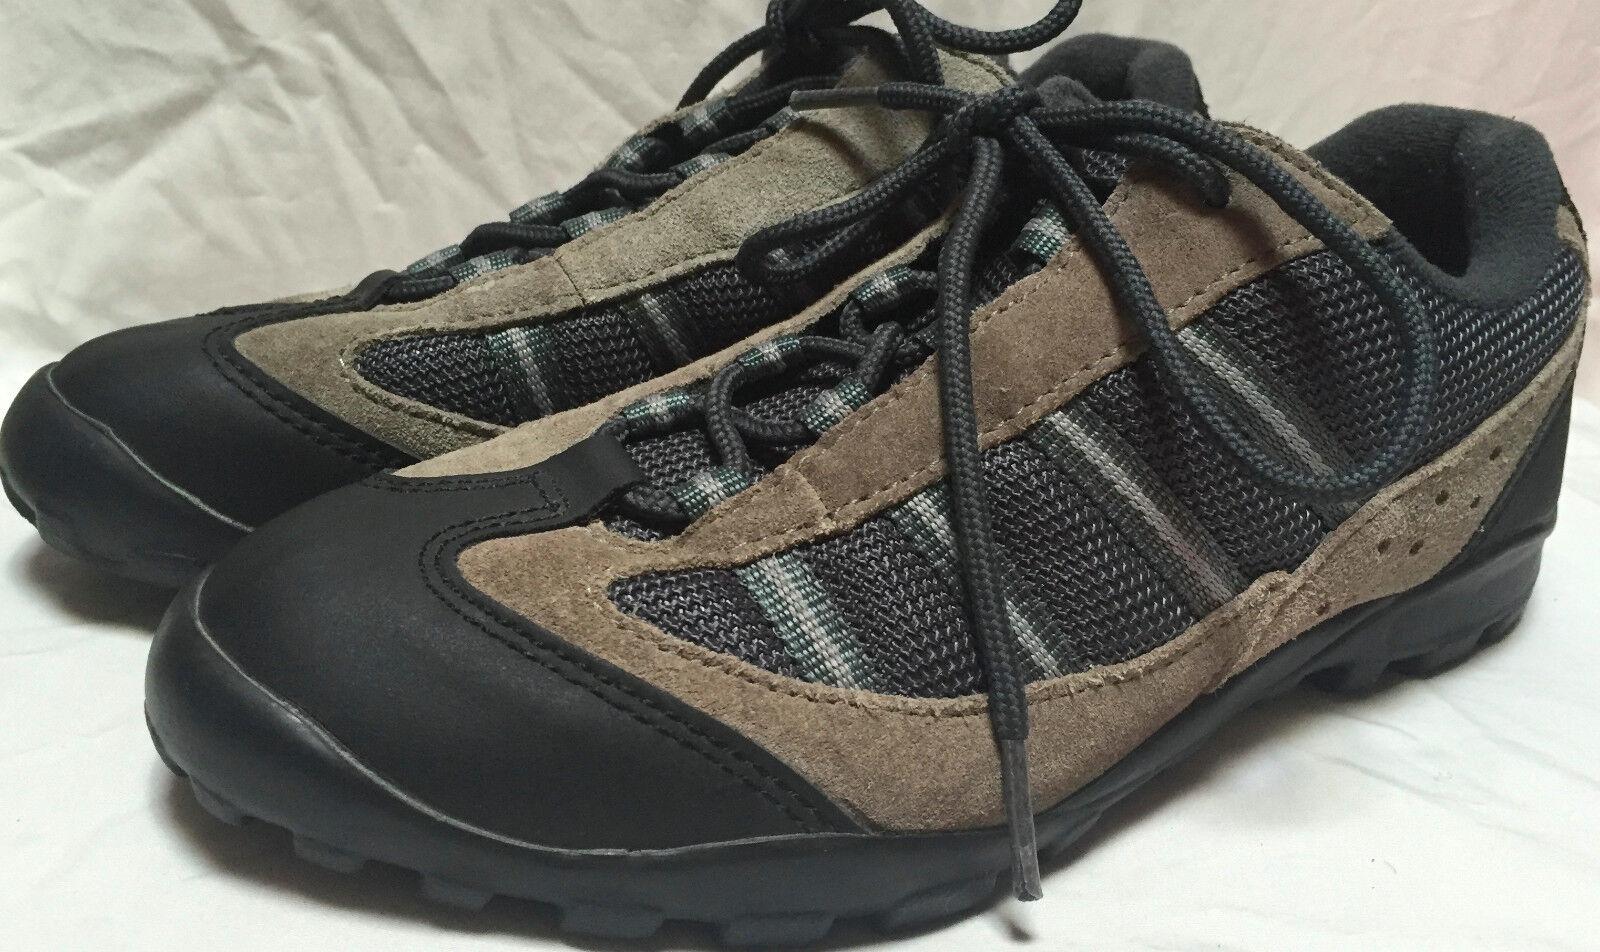 Shimano SH M021 G Mountain Cycling Bike shoes sz 6 Beige Lace Up